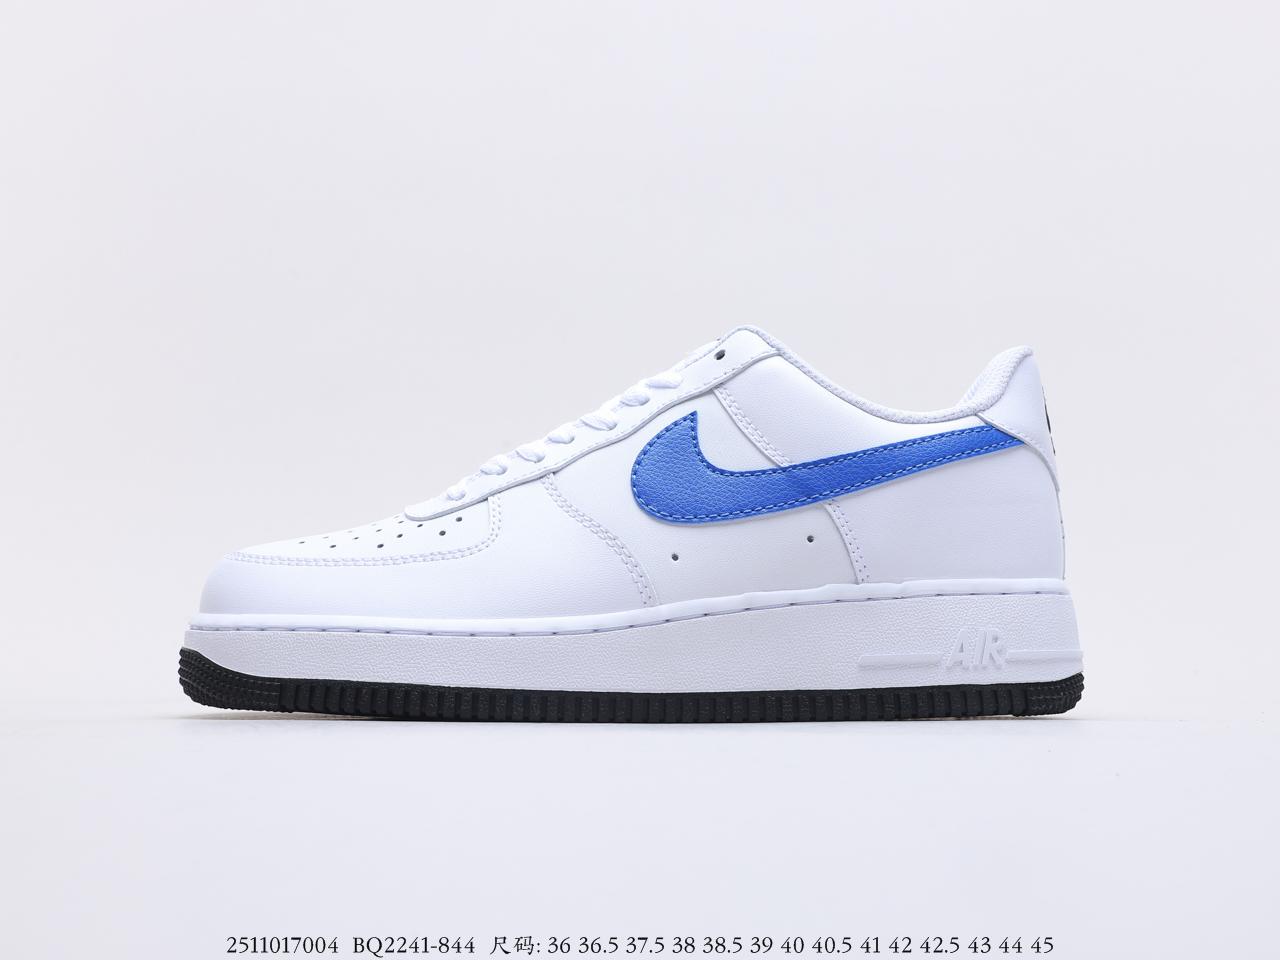 耐克Nike Air Force 1'07 Low 空军一号经典款鸳鸯勾头层板鞋